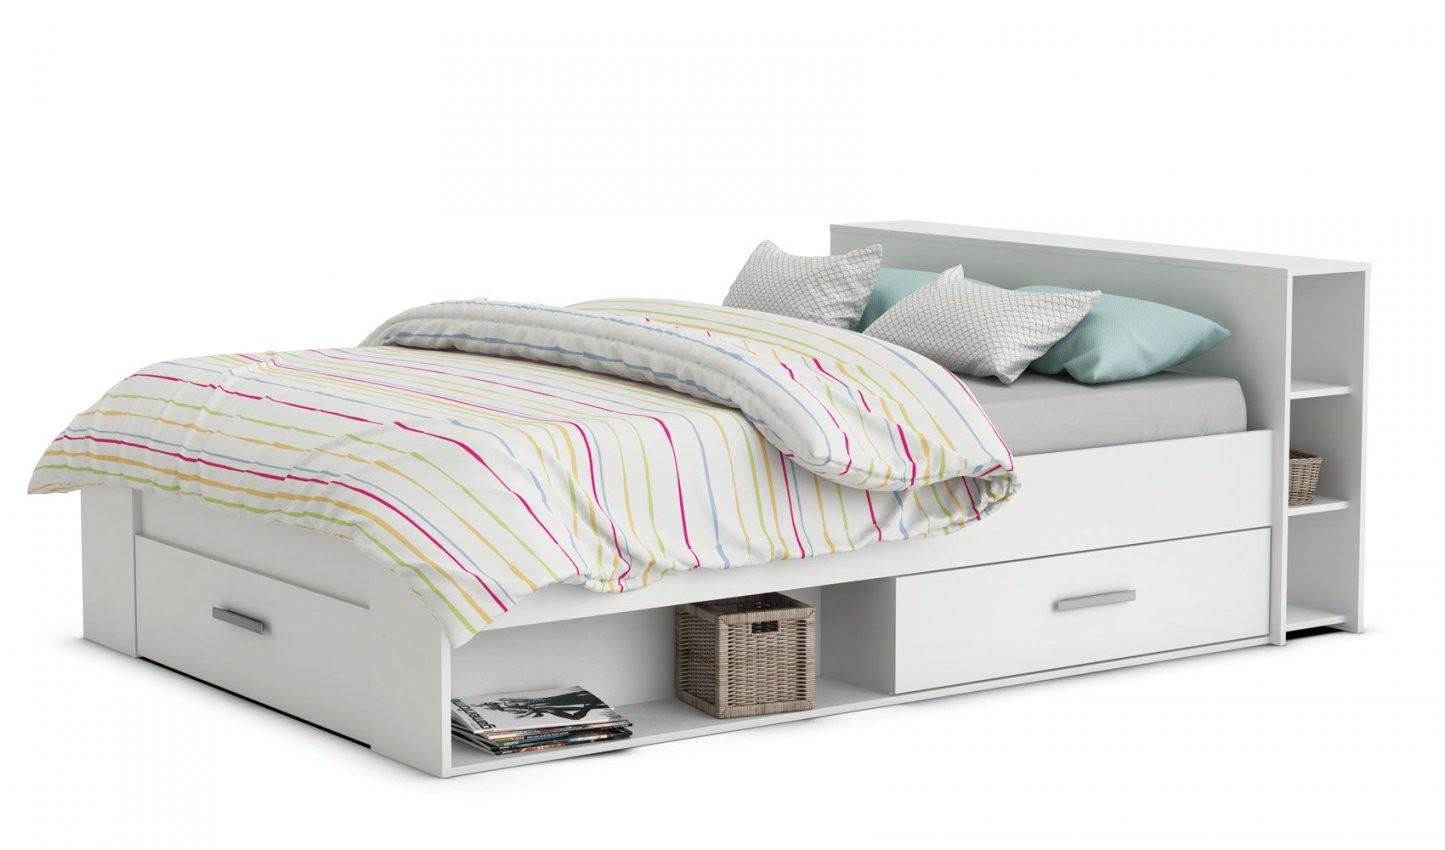 Angenehm Stauraum Bett 120X200 Bett 120X200 Galerien  Bedrooms In von Bett Mit Schubladen 120X200 Bild